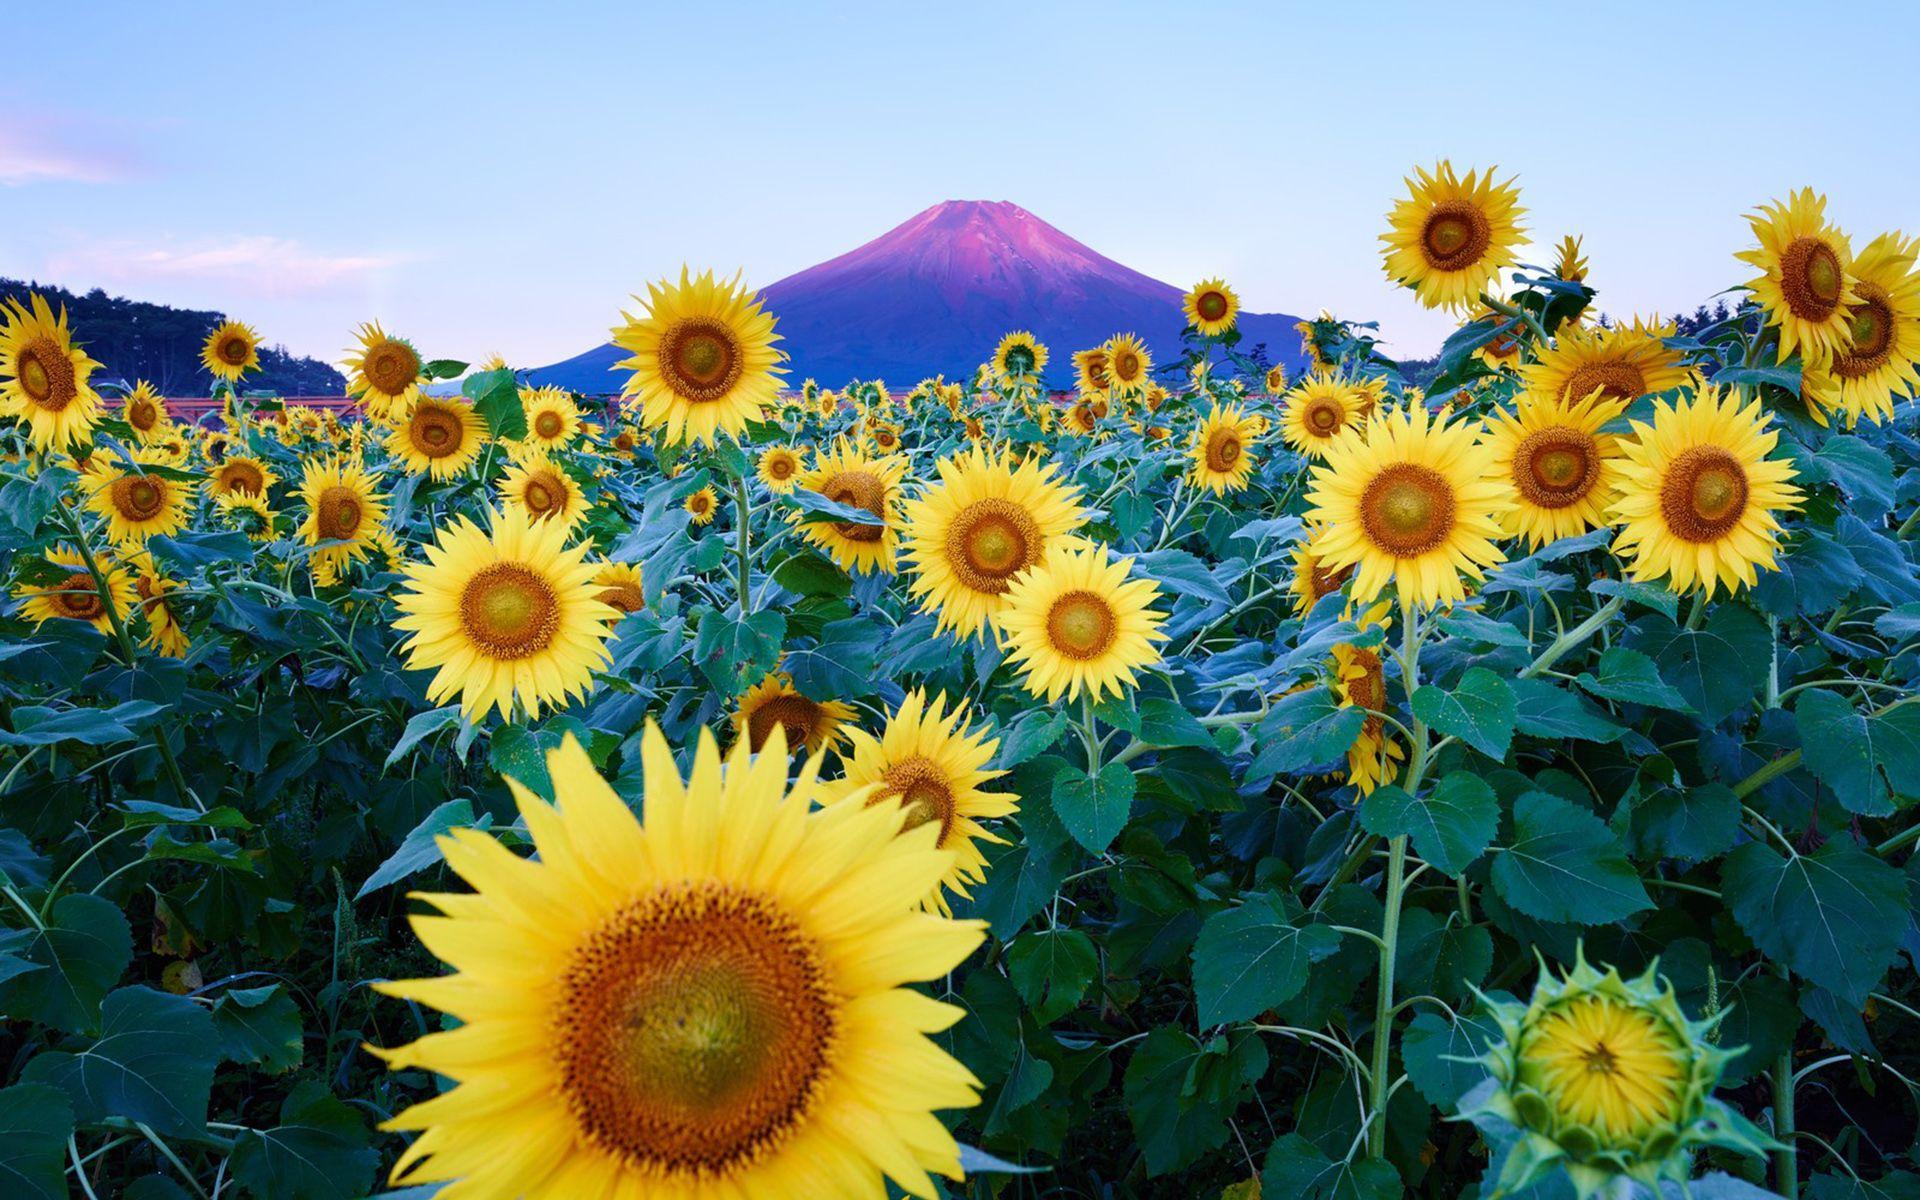 Sunflower Desktop Wallpapers - Top Free Sunflower Desktop ...